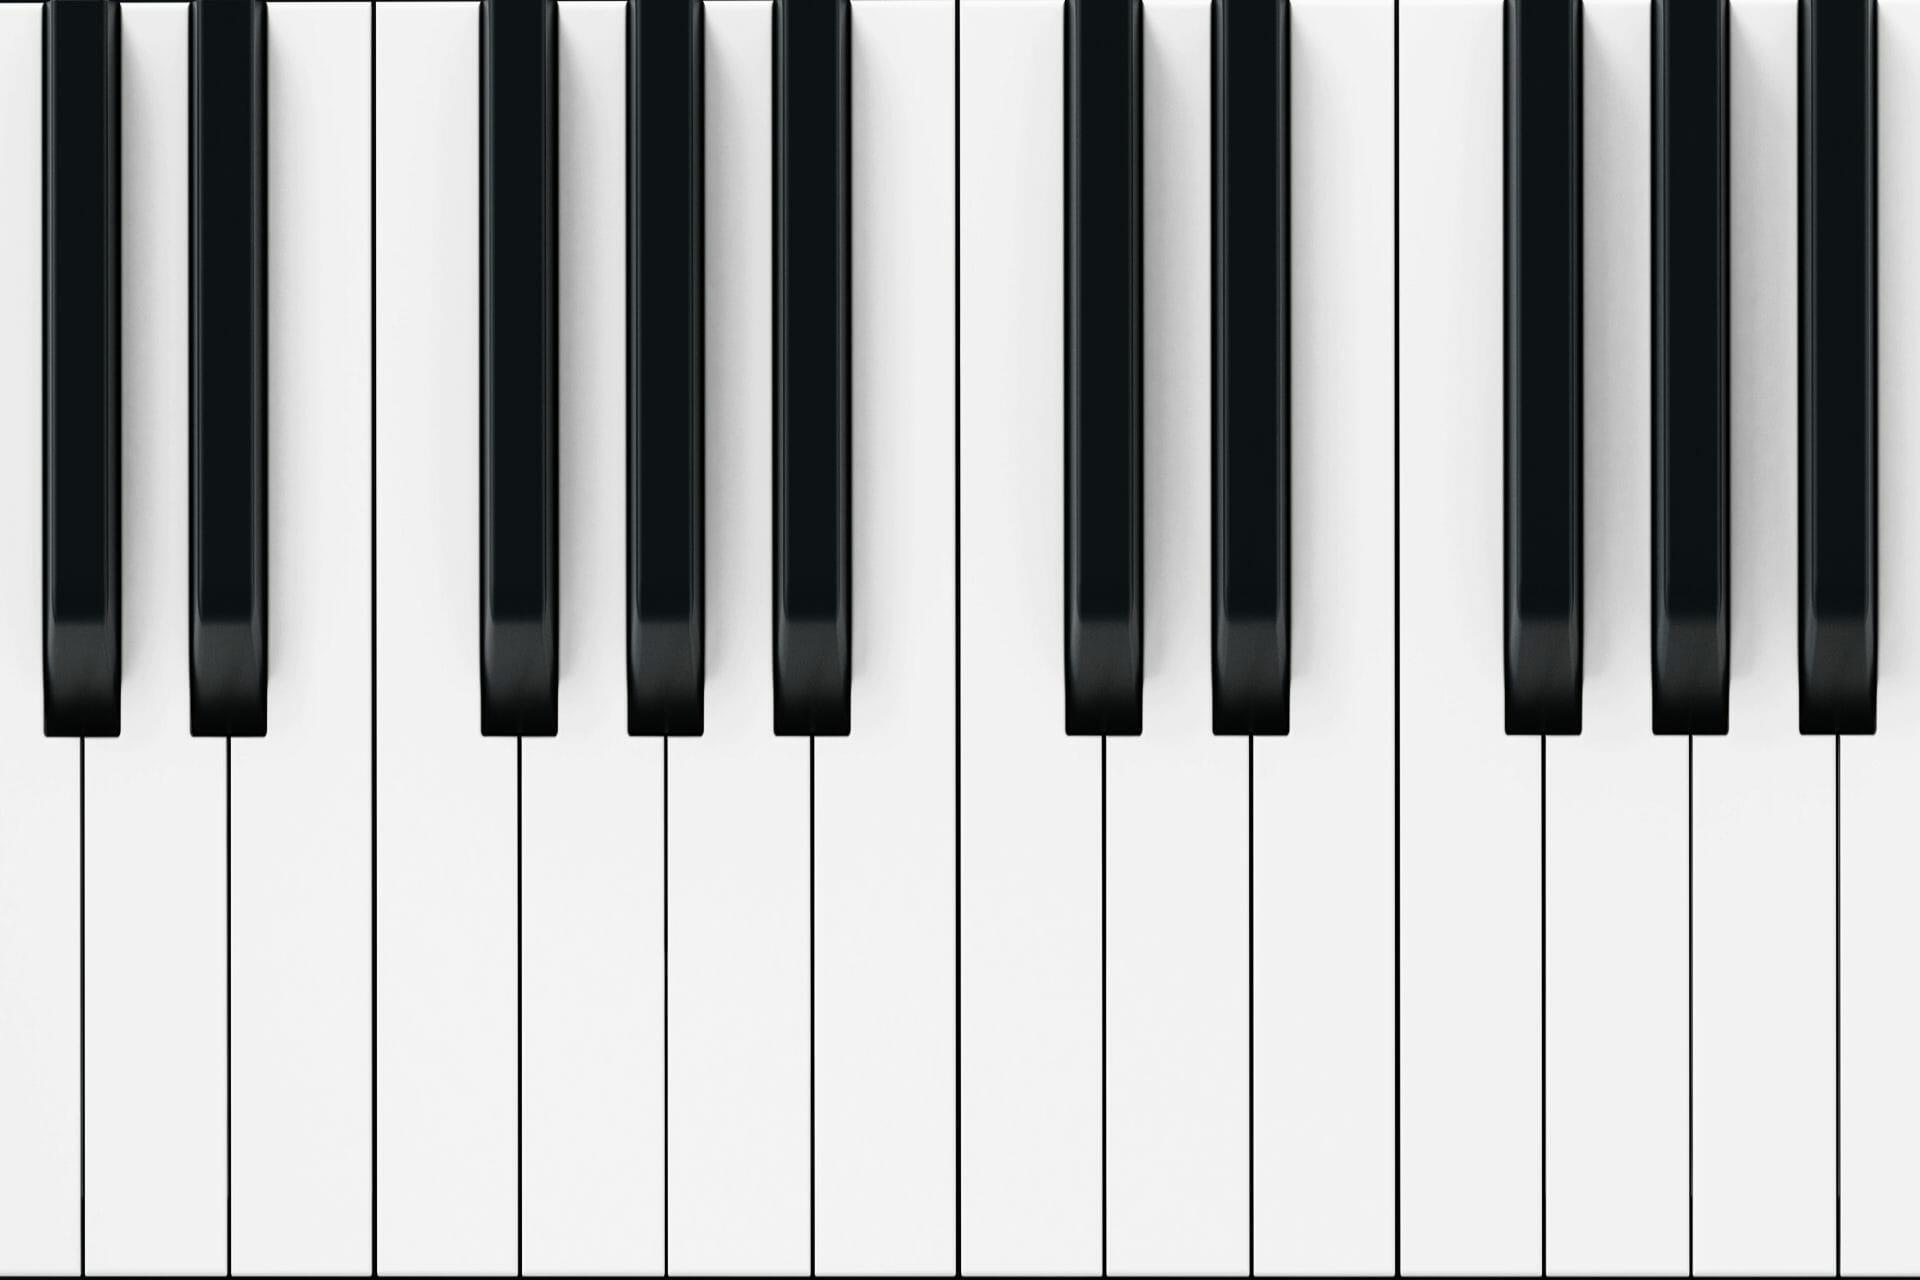 wyczyscic klawisze w pianinie